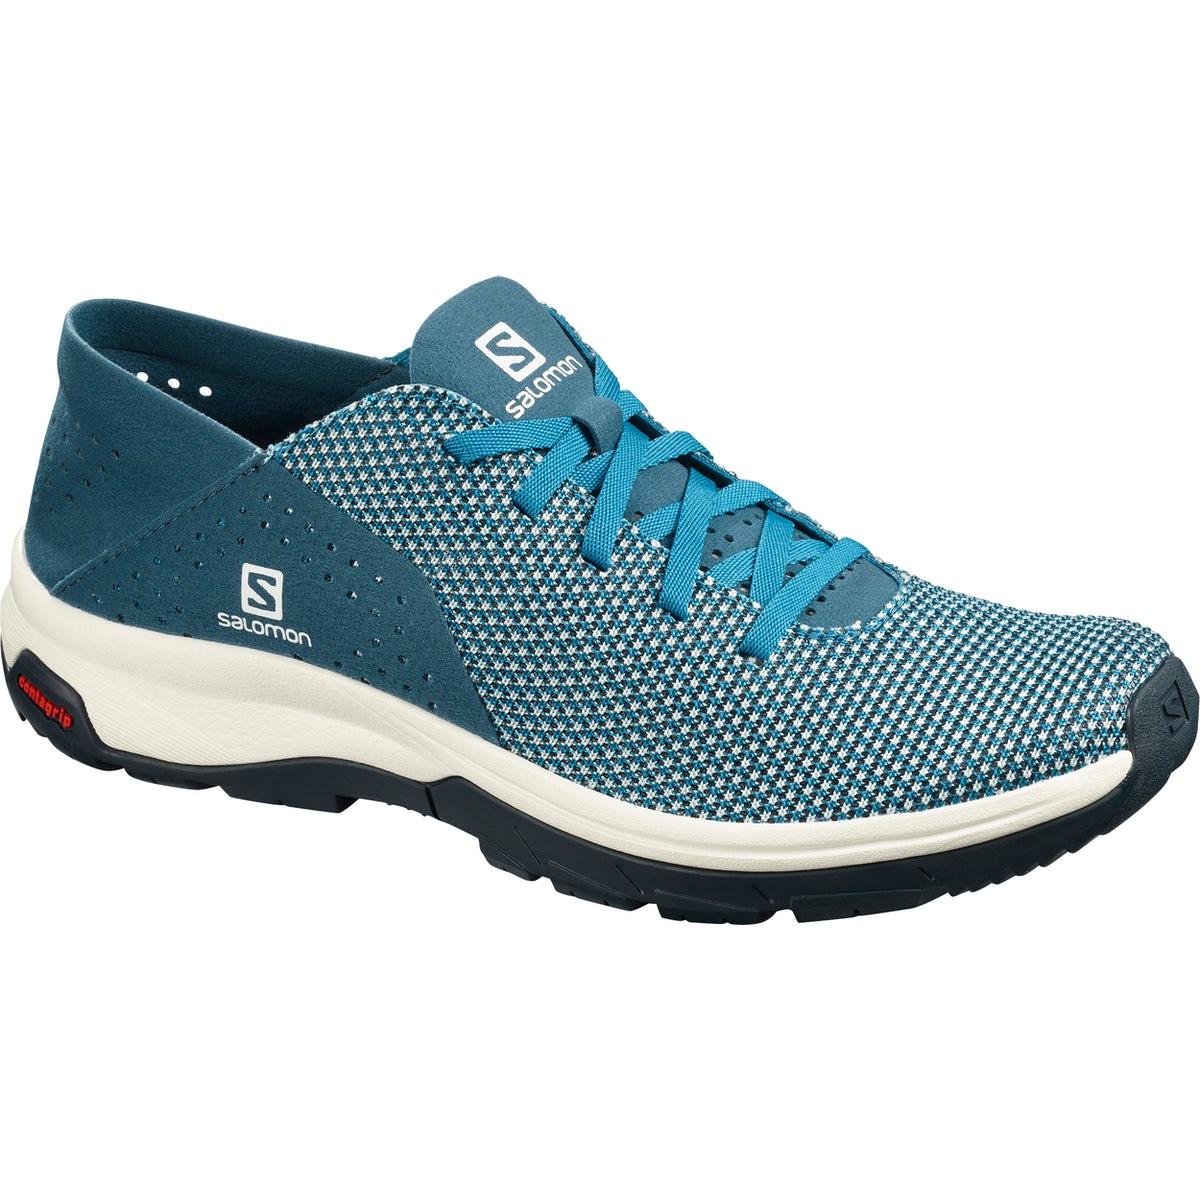 Salomon Tech Lite Shoe